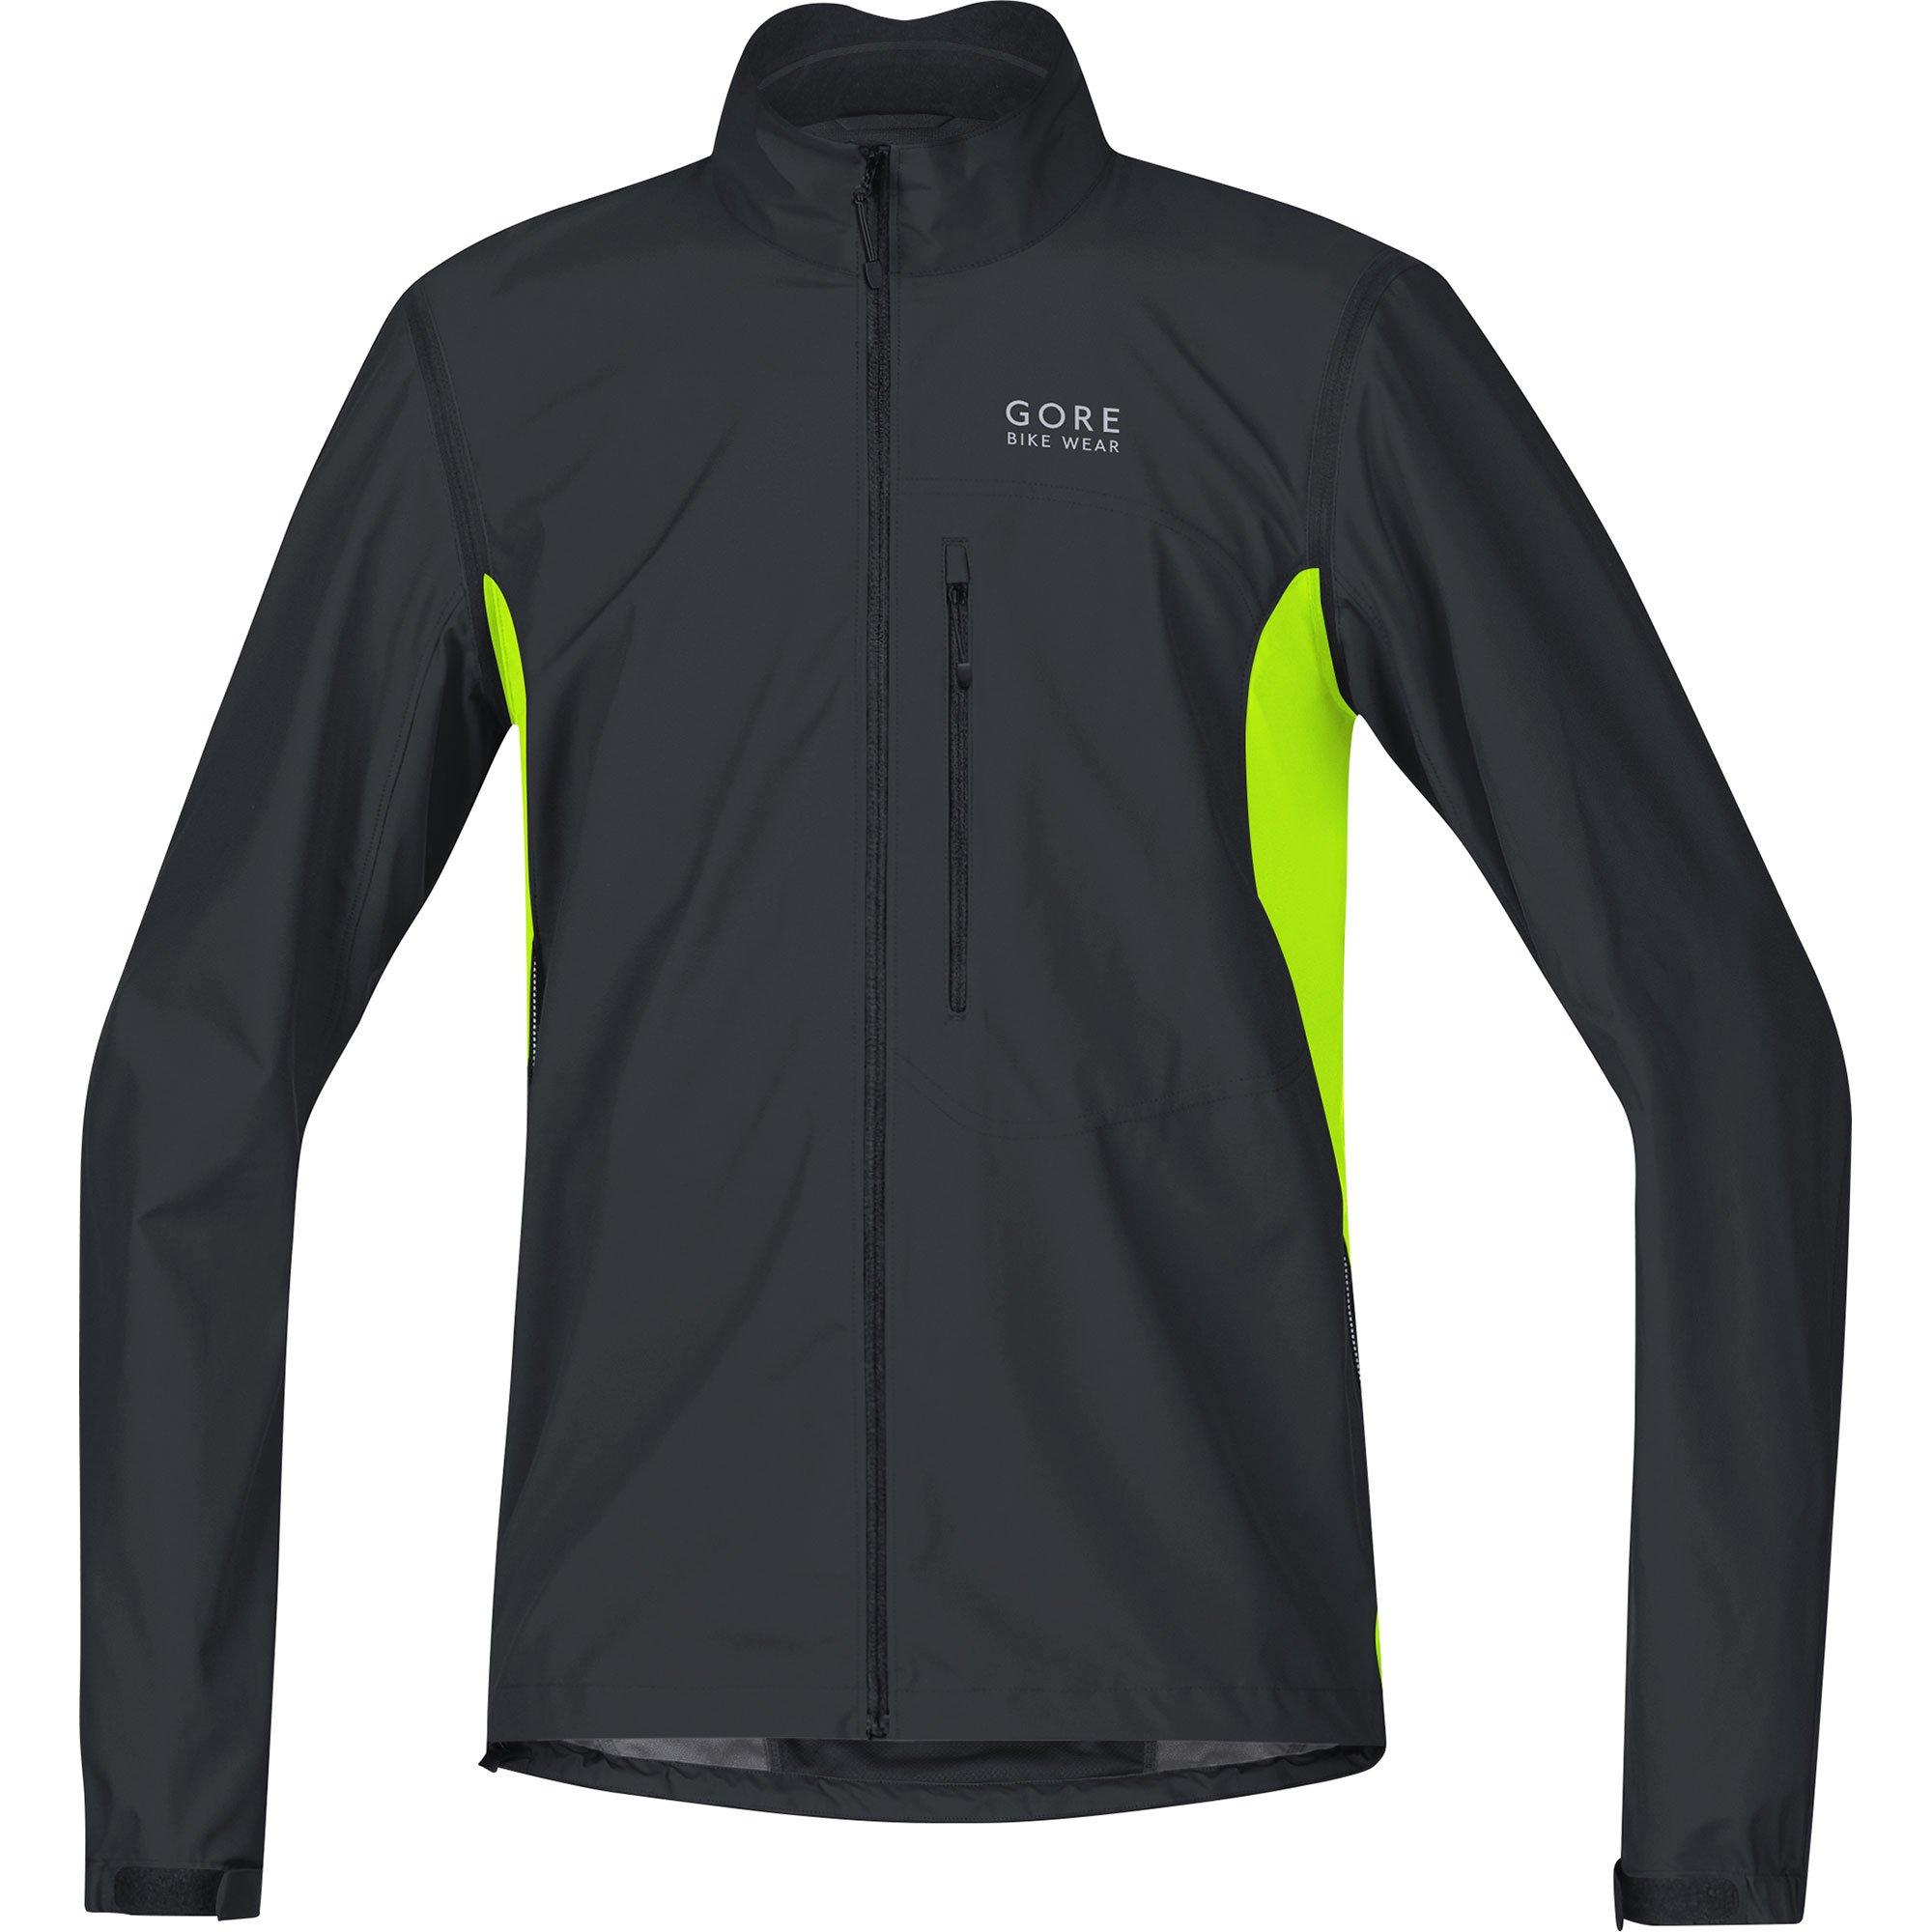 Gore Bike WEAR Men's Cycling Jacket, Super Light, Gore Windstopper, Jacket, Size: S, Black/Neon Yellow, JWELMZ by GORE WEAR (Image #1)